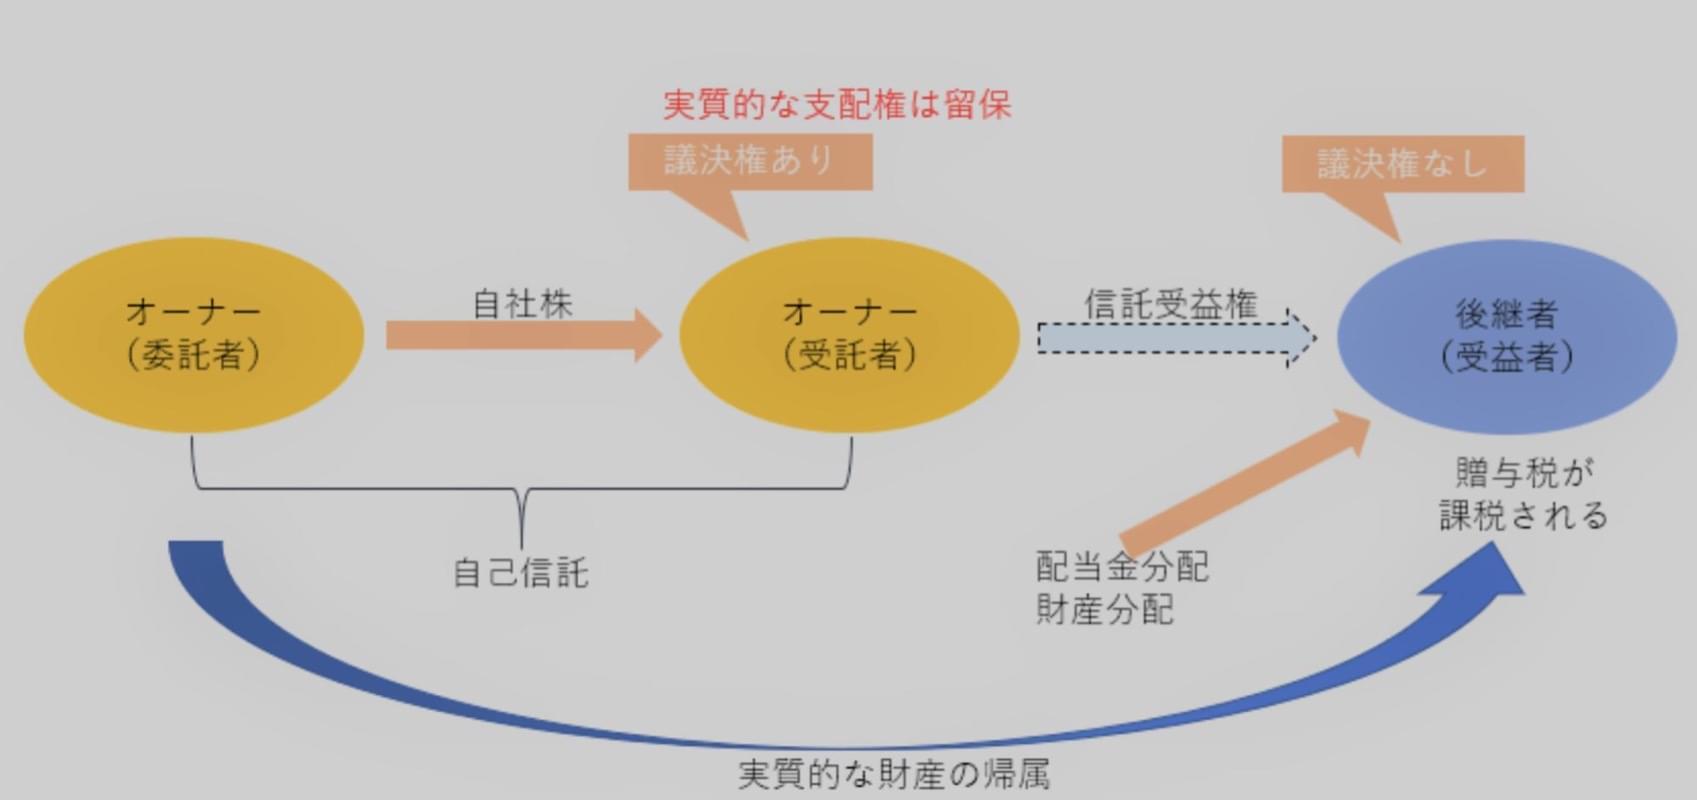 image5(56)